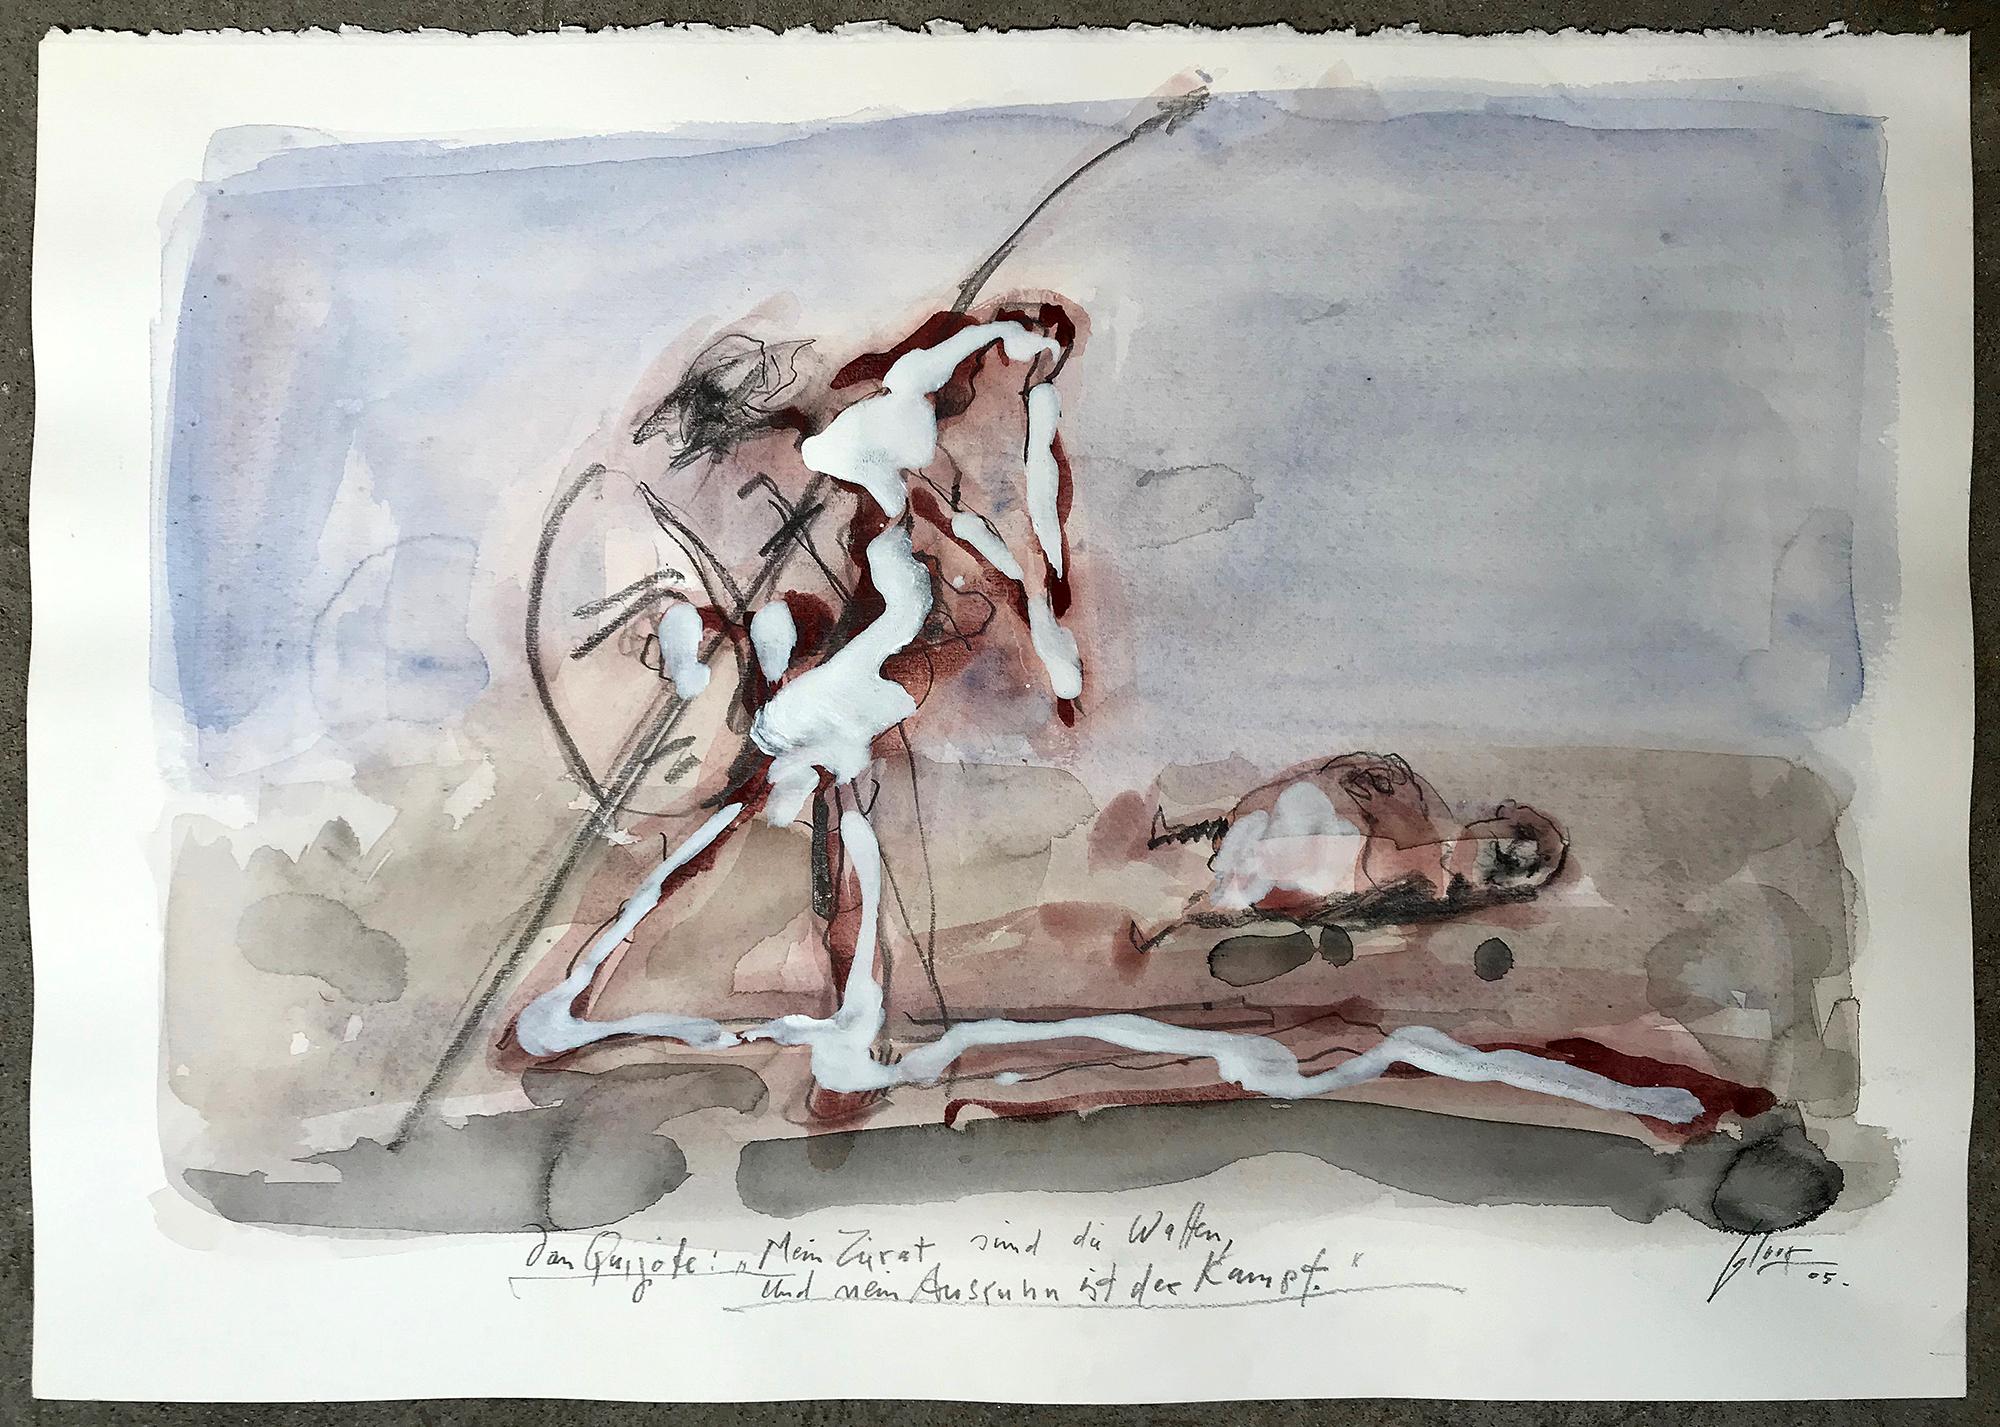 Don Quichot, Mein Zierrat sind die Waffen, 2006, Mischtechnik auf Büttenpapier, 50 x 36 cm, ohne Rahmen